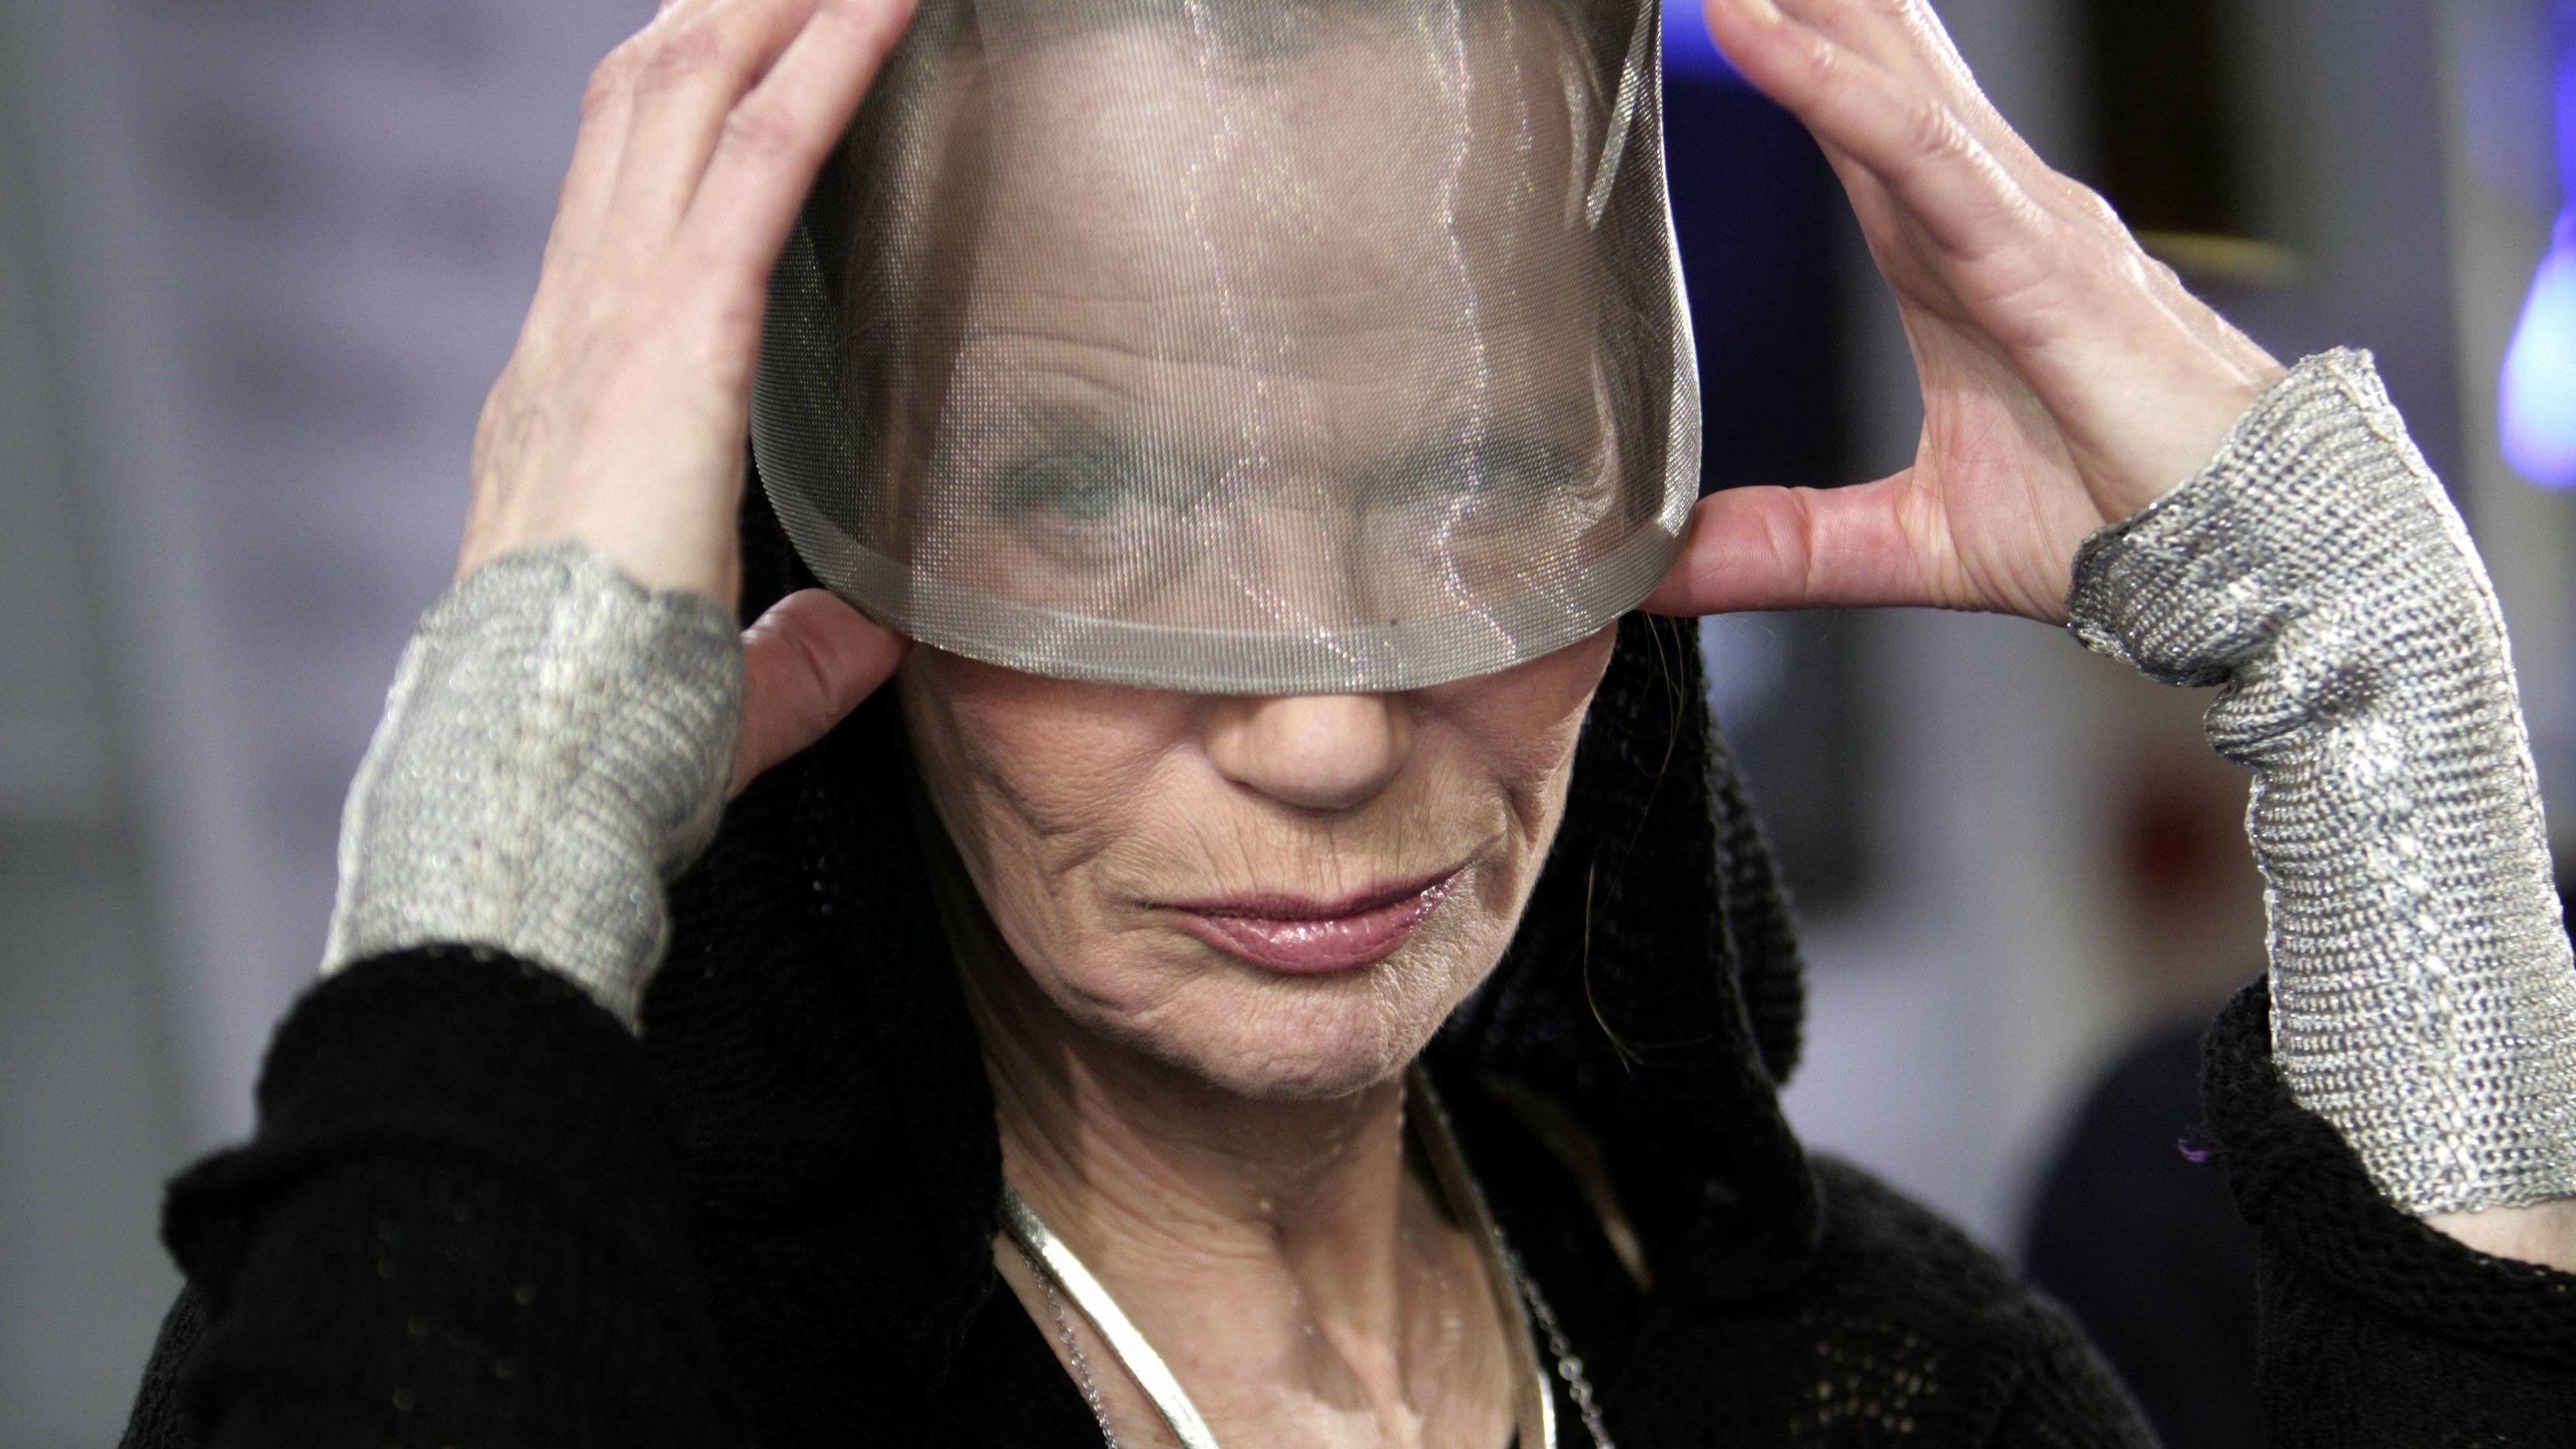 """Vera """"Veruschka"""" von Lehndorff  trägt eine Art Visier aus durchsichtigem Plastik, durch das man die obere Hälfte ihres Gesichtes nur erahnen kann"""